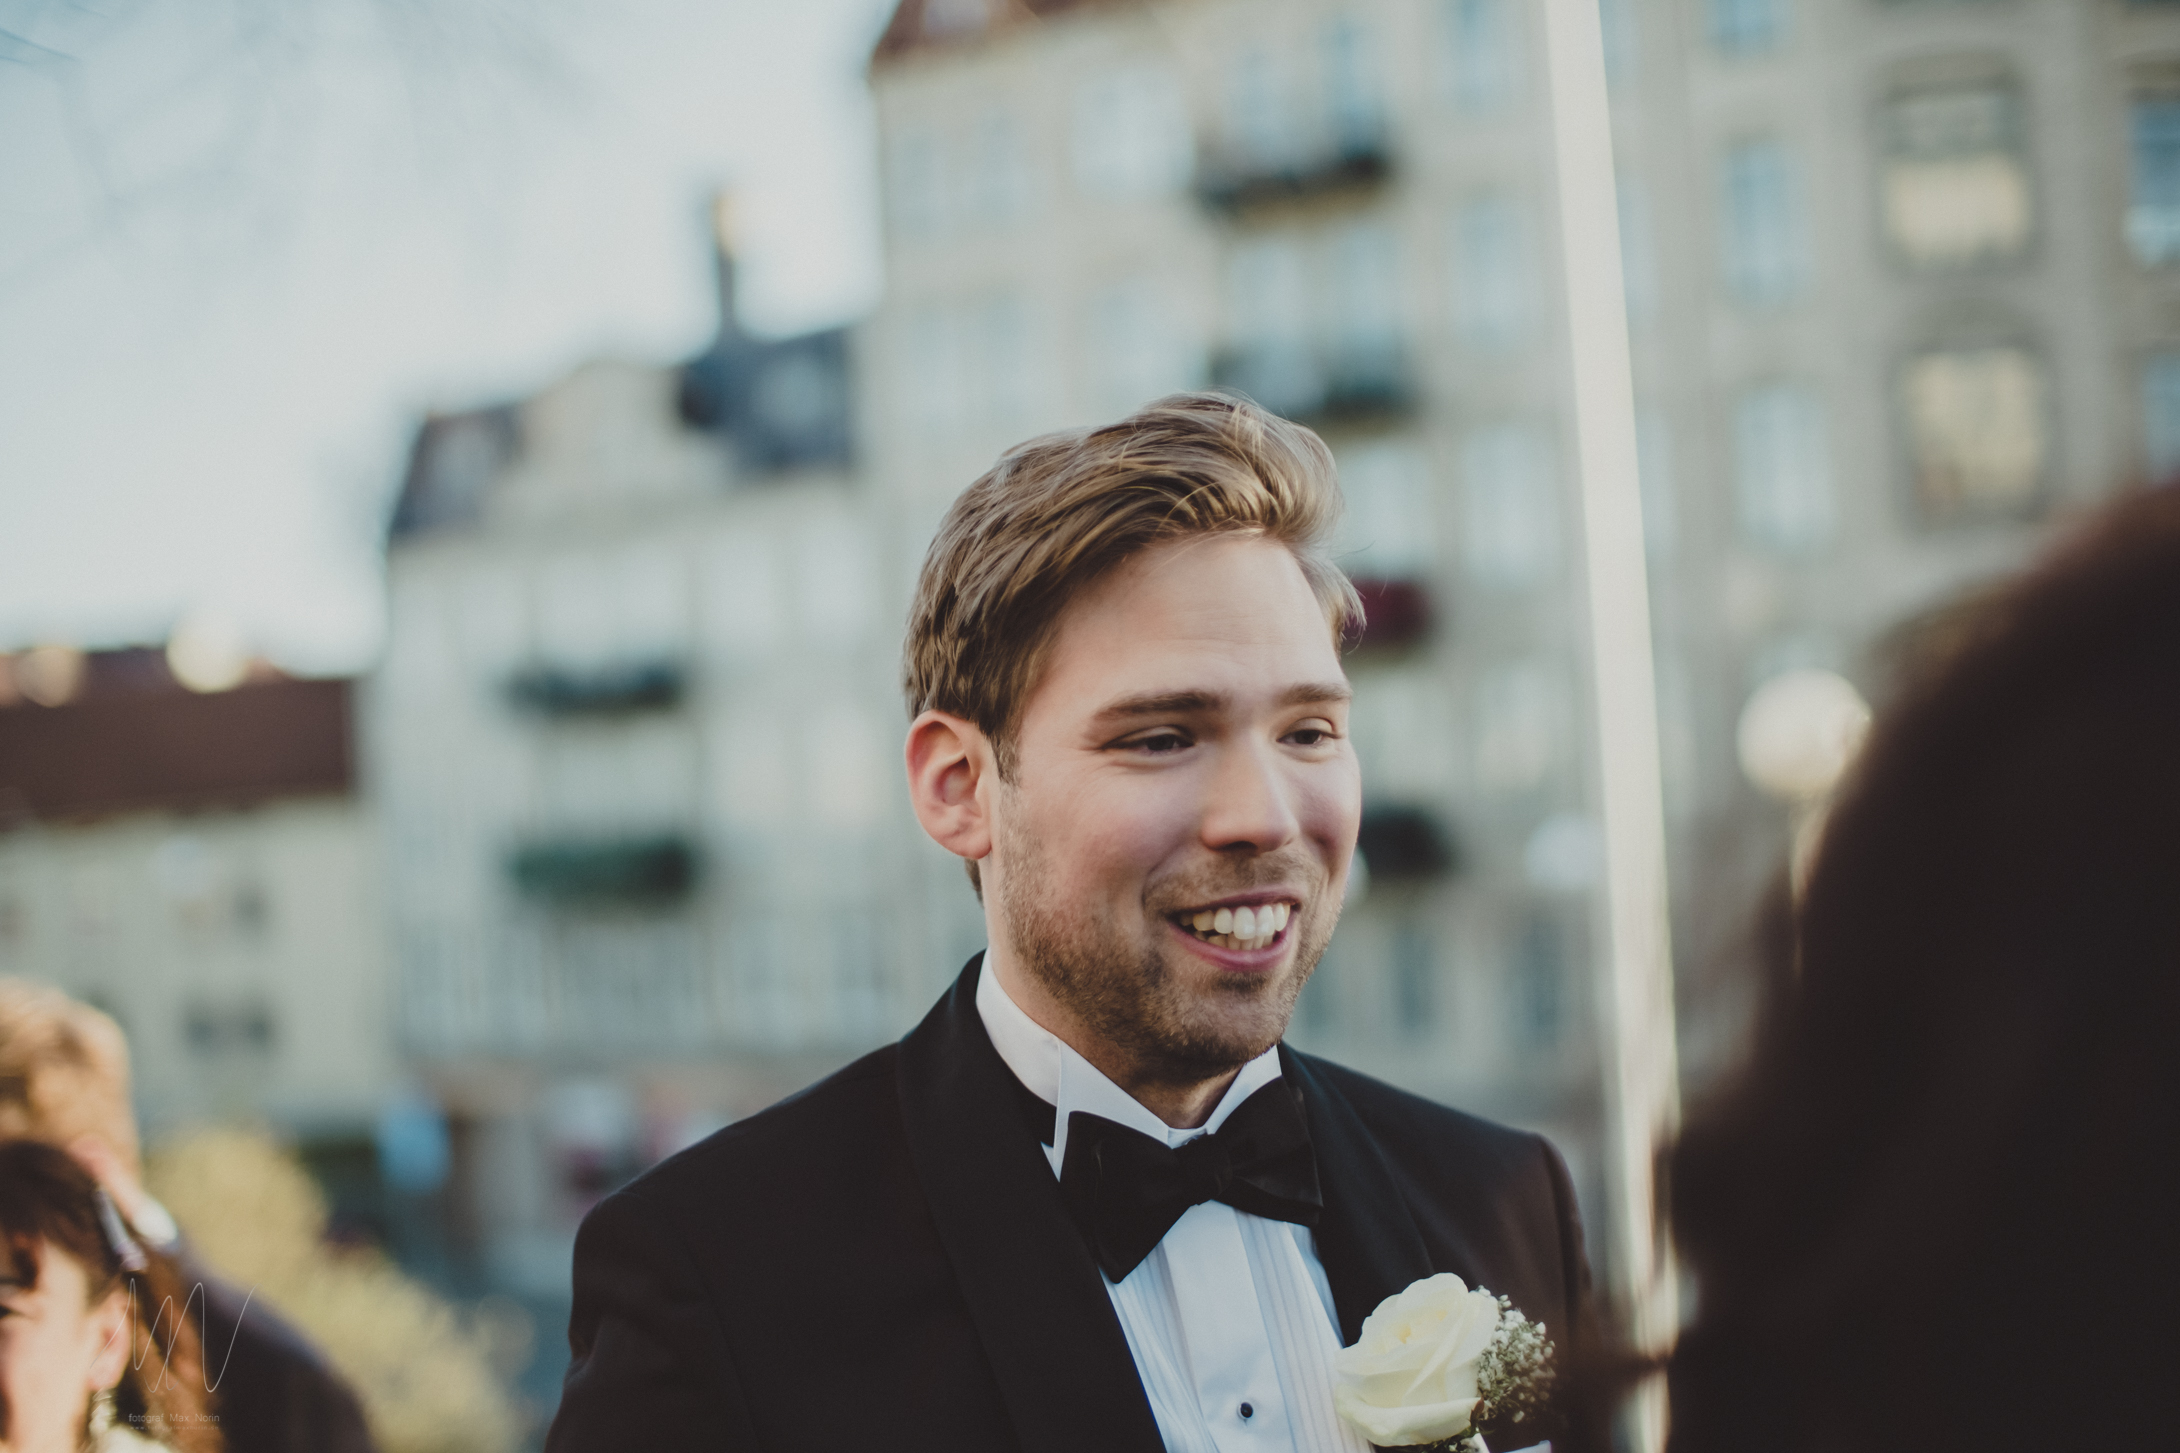 bröllopsfoto-fotograf-max-norin-215.jpg